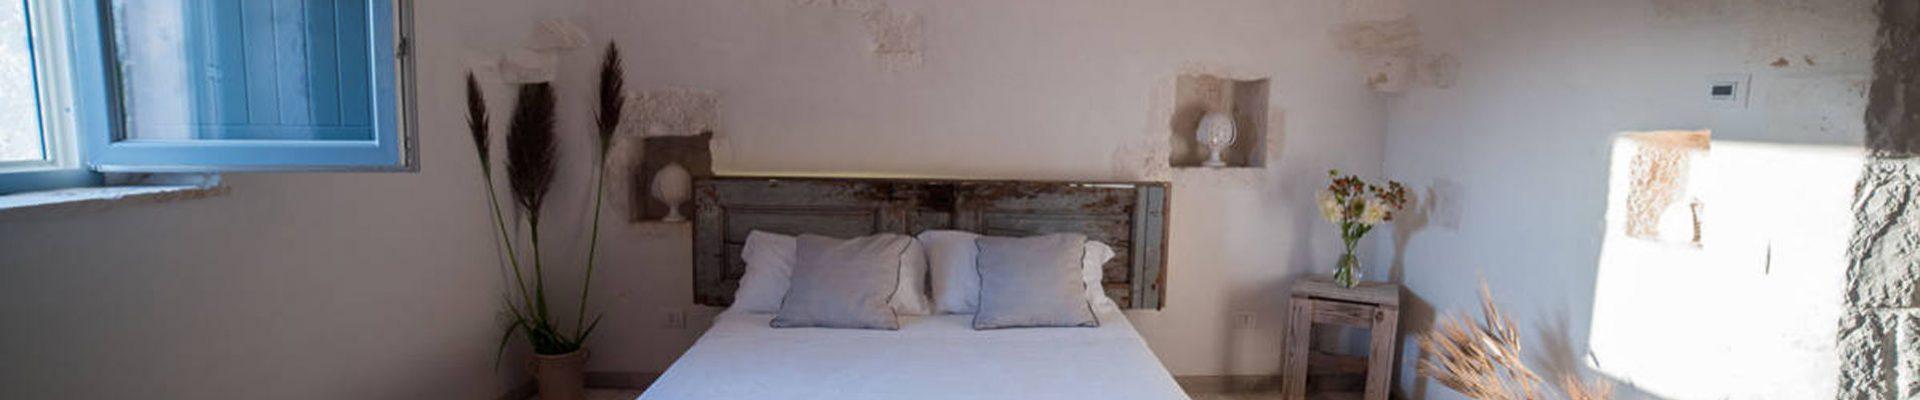 Dimora-Millepietre-letto